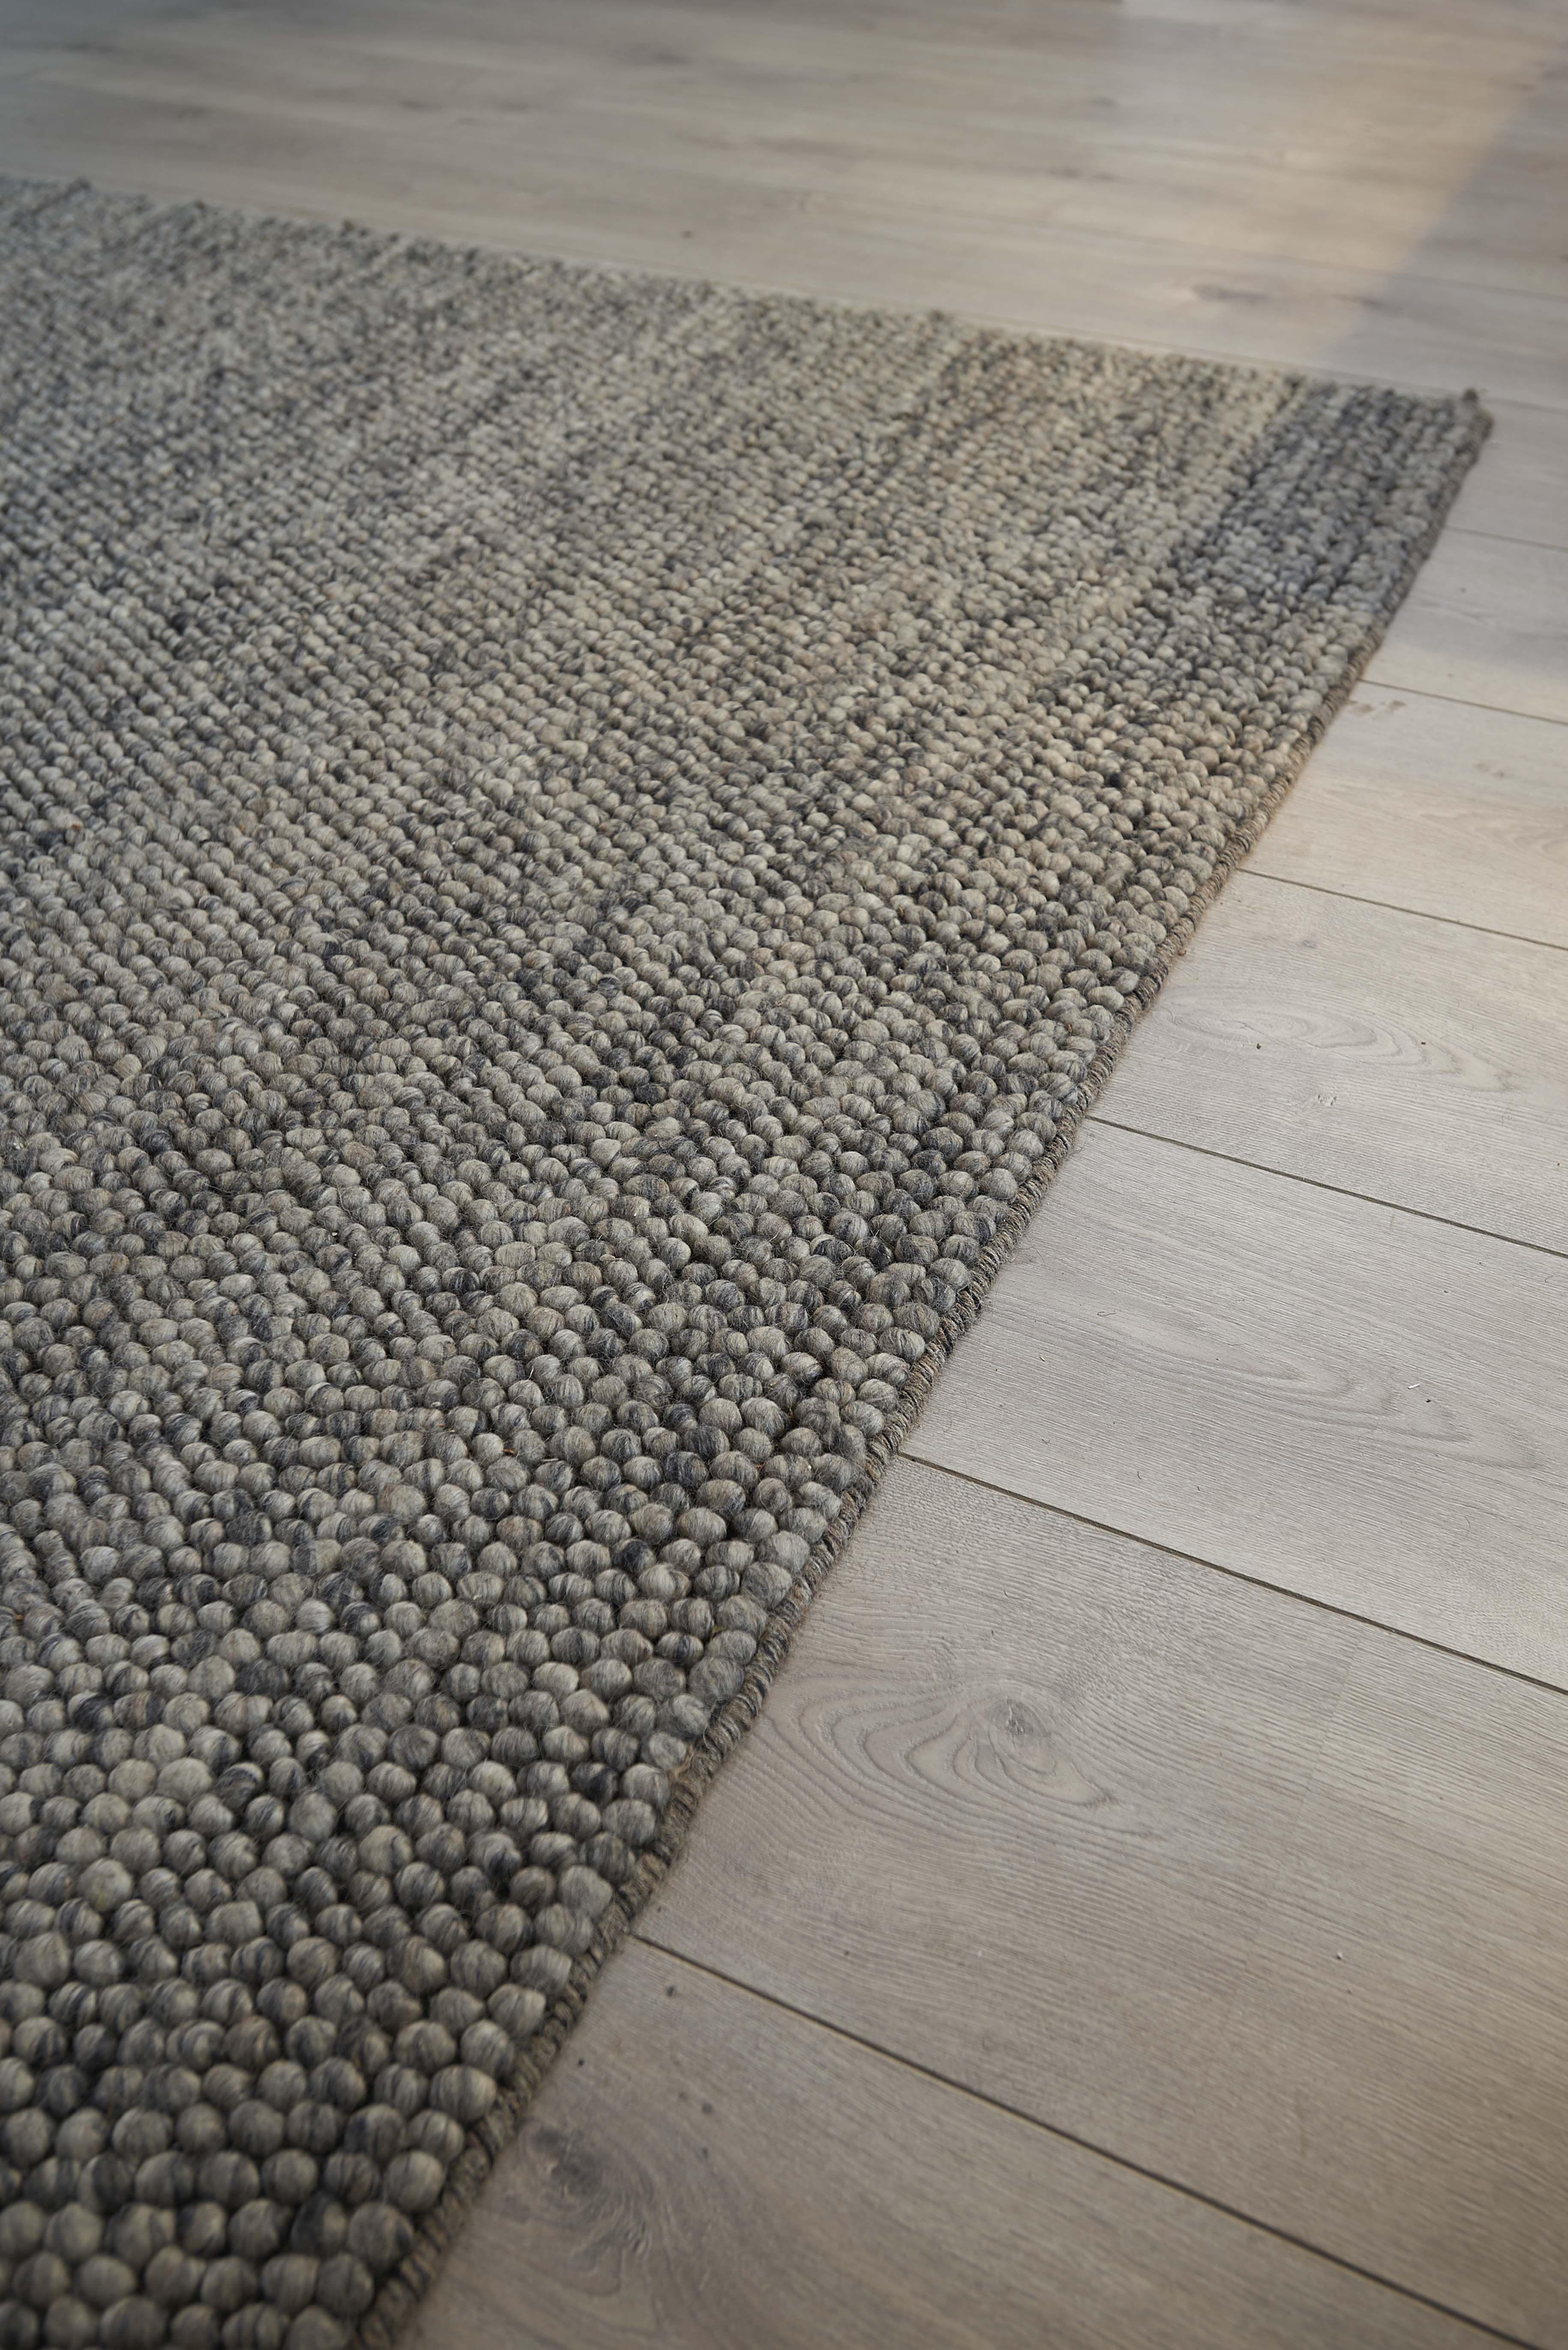 58ef3b8099426a Het wollen vloerkleed  Niagara  van Kwantum bestaat uit grijze elementen. Het  kleed met